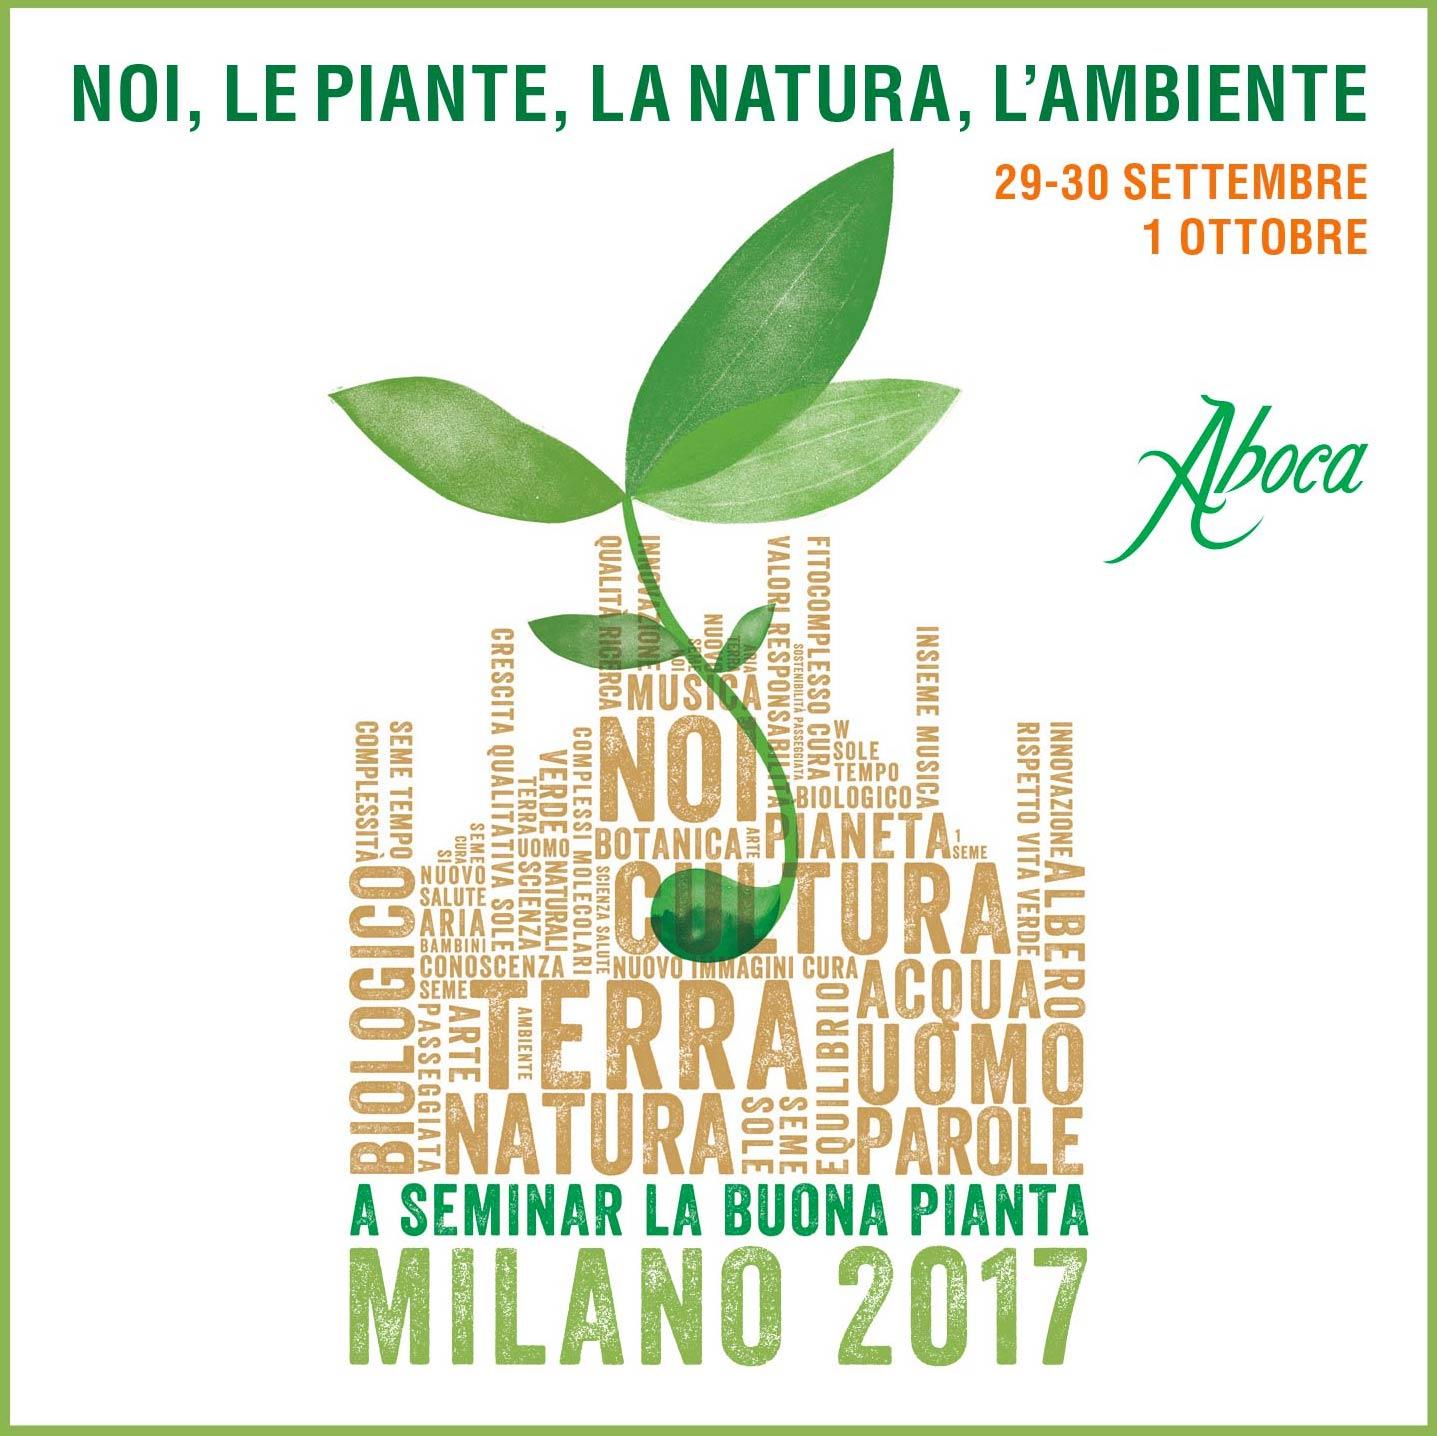 A seminar la buona pianta-29 settembre 1 ottobre Milano